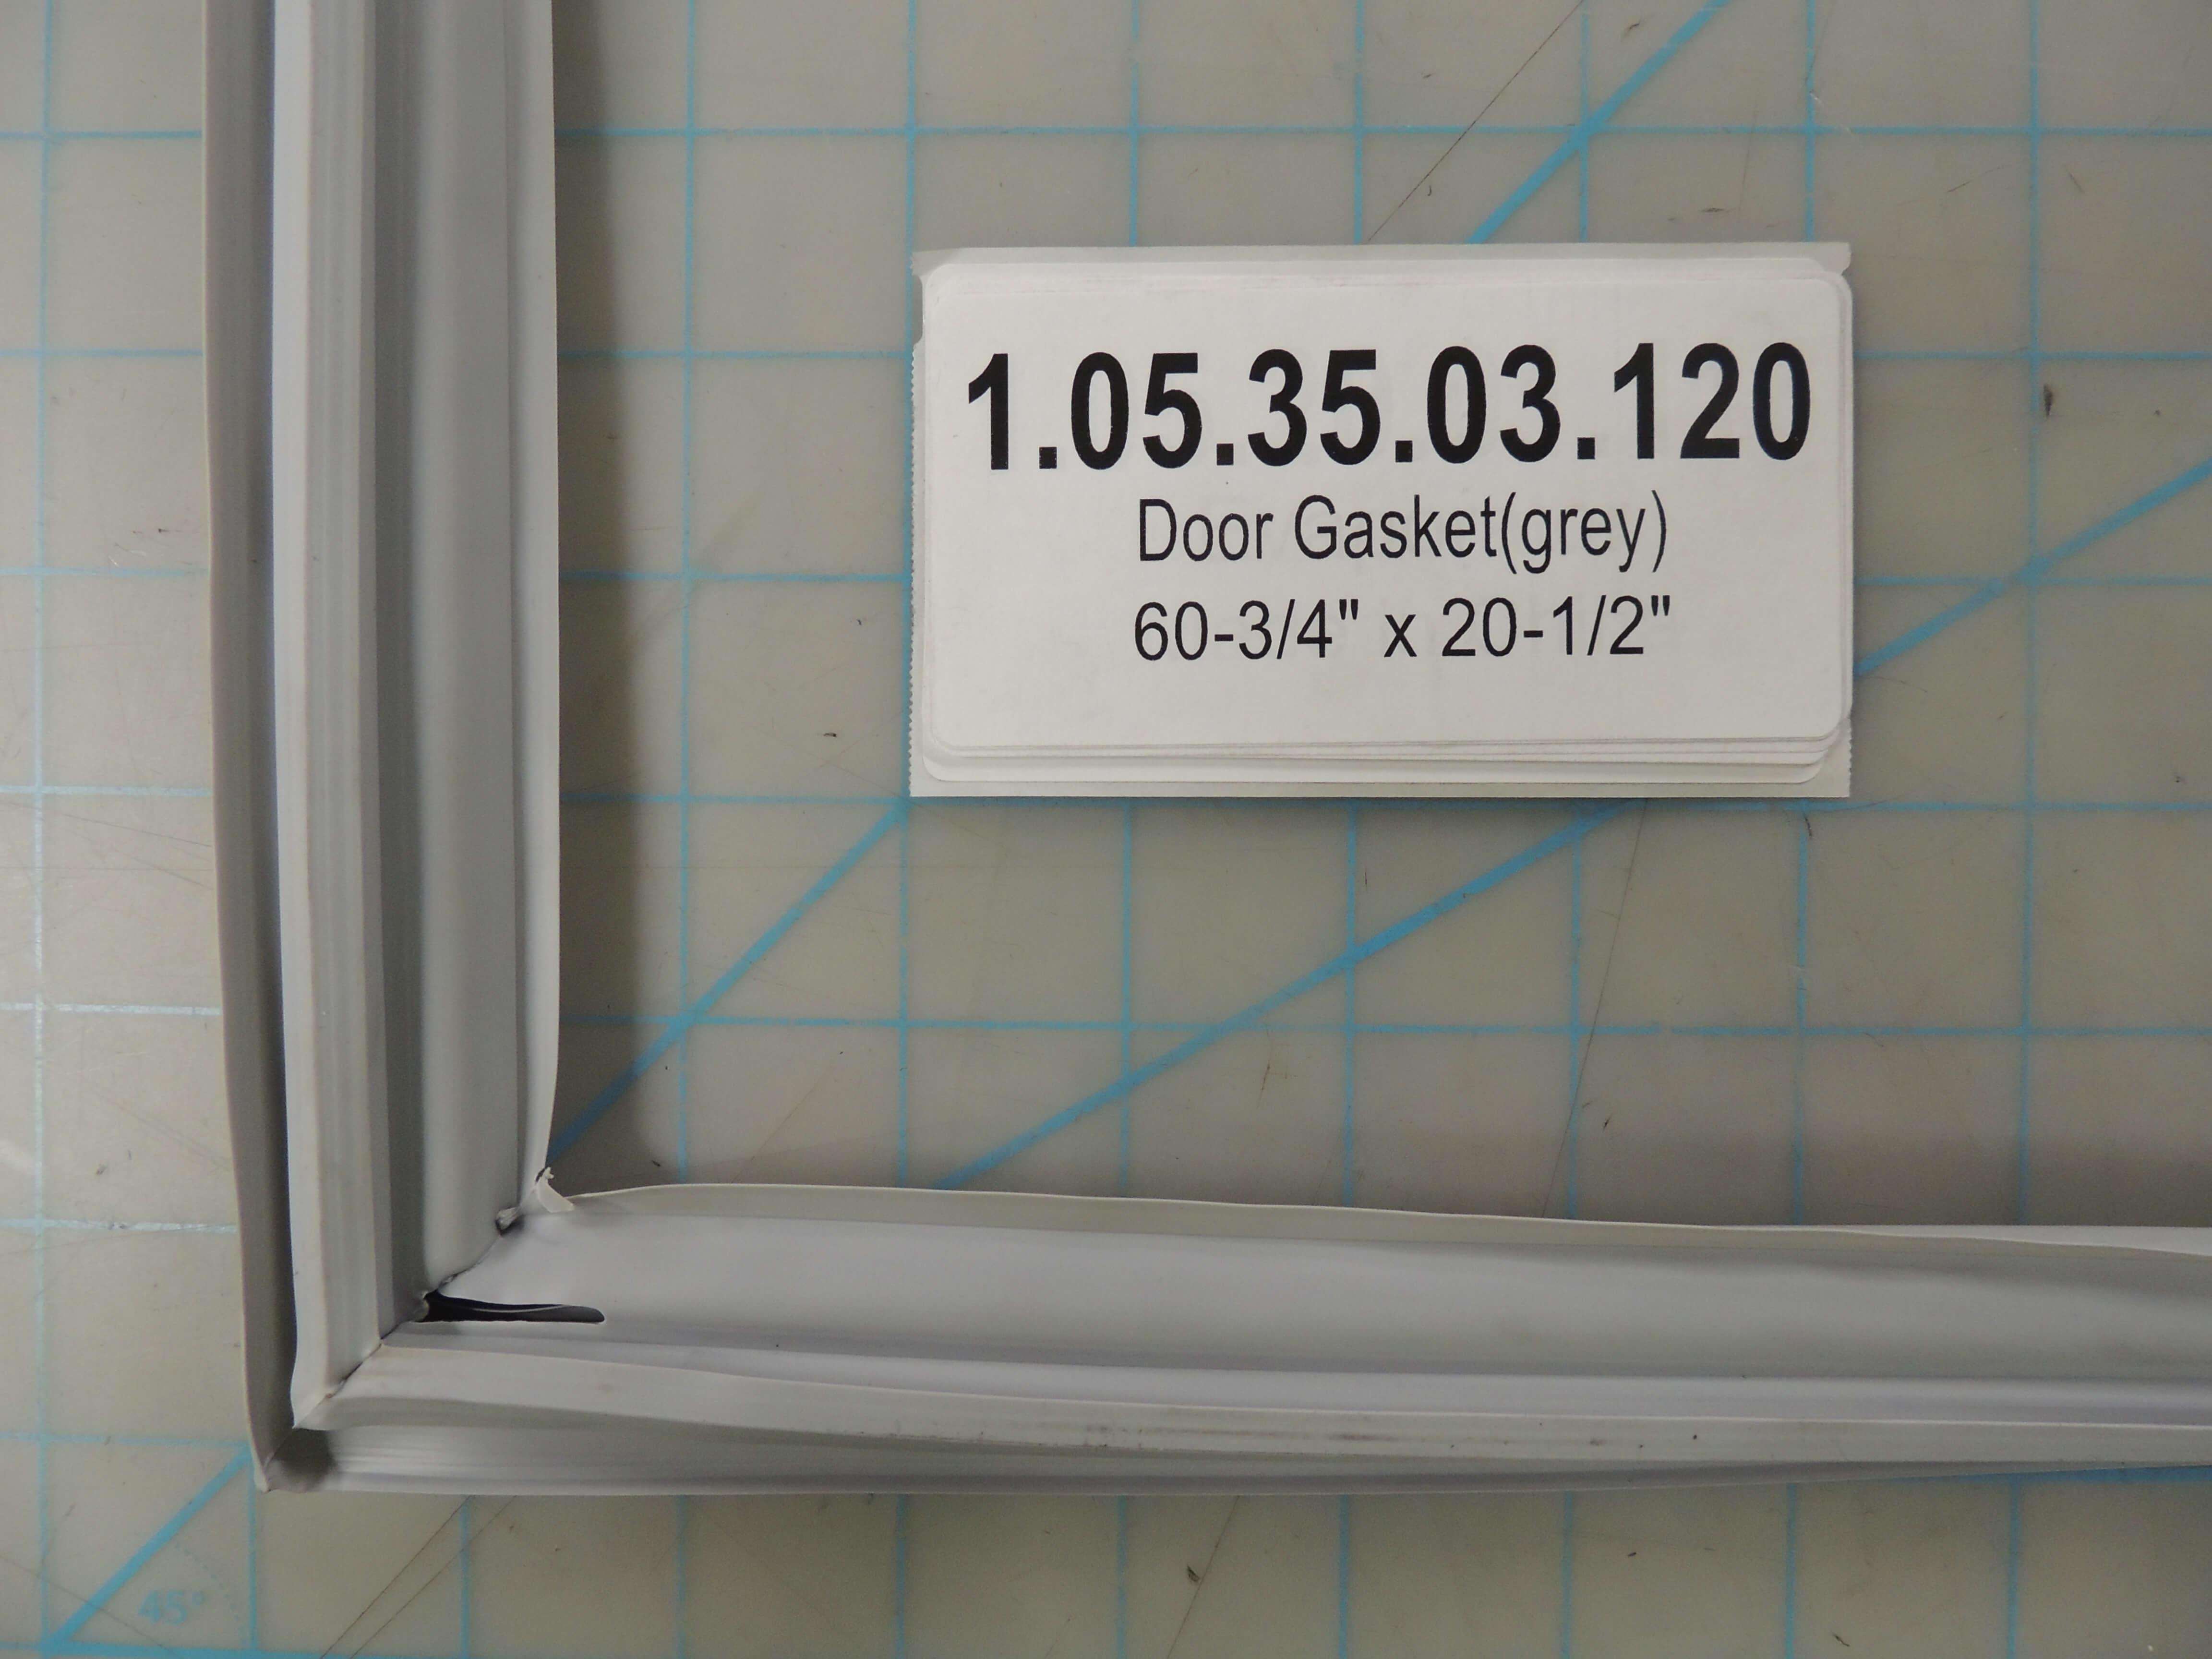 Door Gasket(grey)